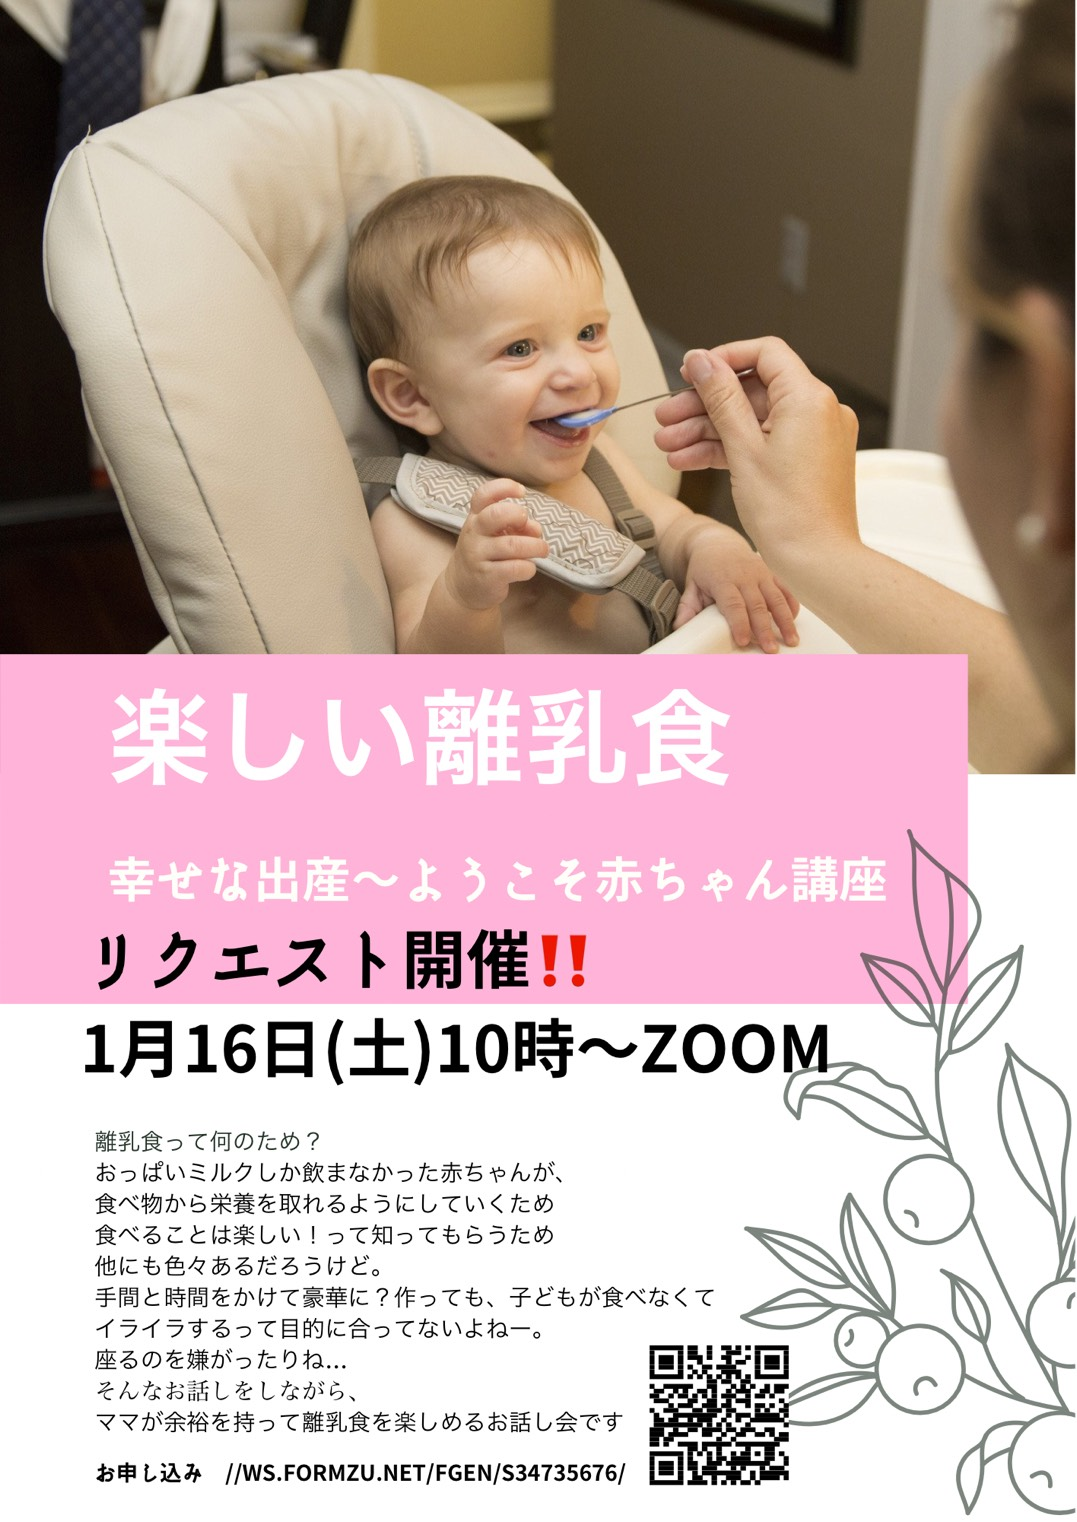 【楽しい離乳食】幸せな出産~ようこそ赤ちゃん講座